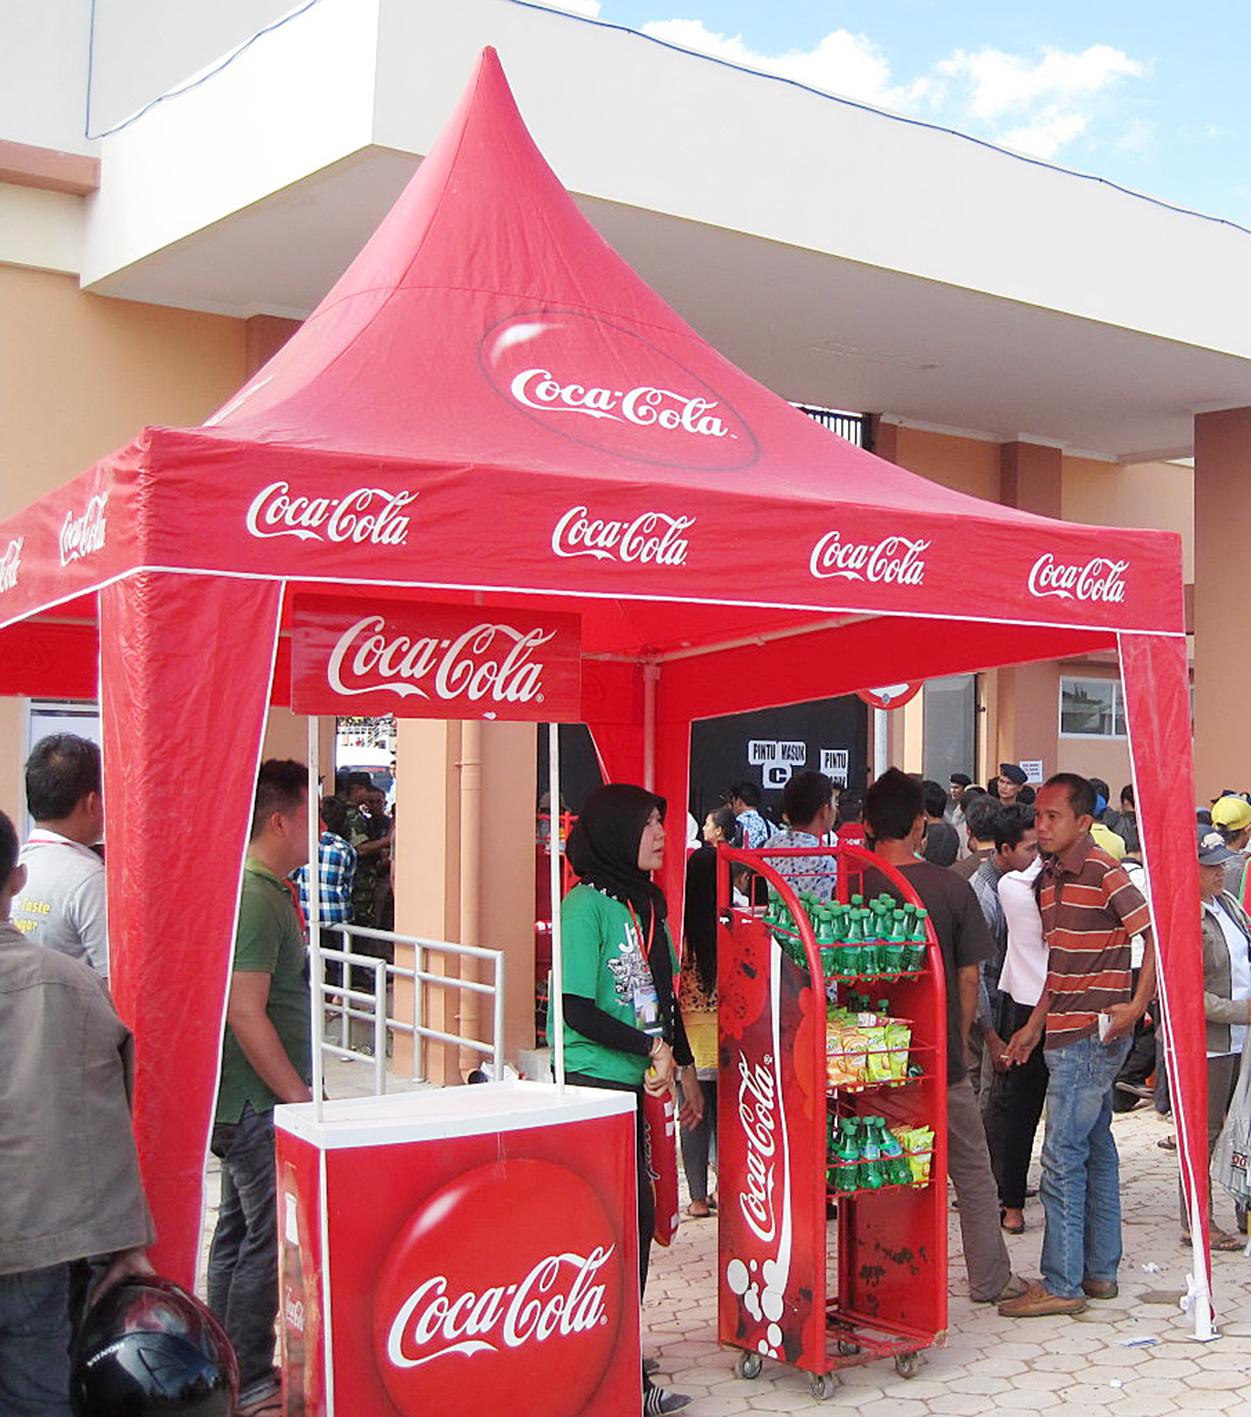 tenda kerucut coca cola